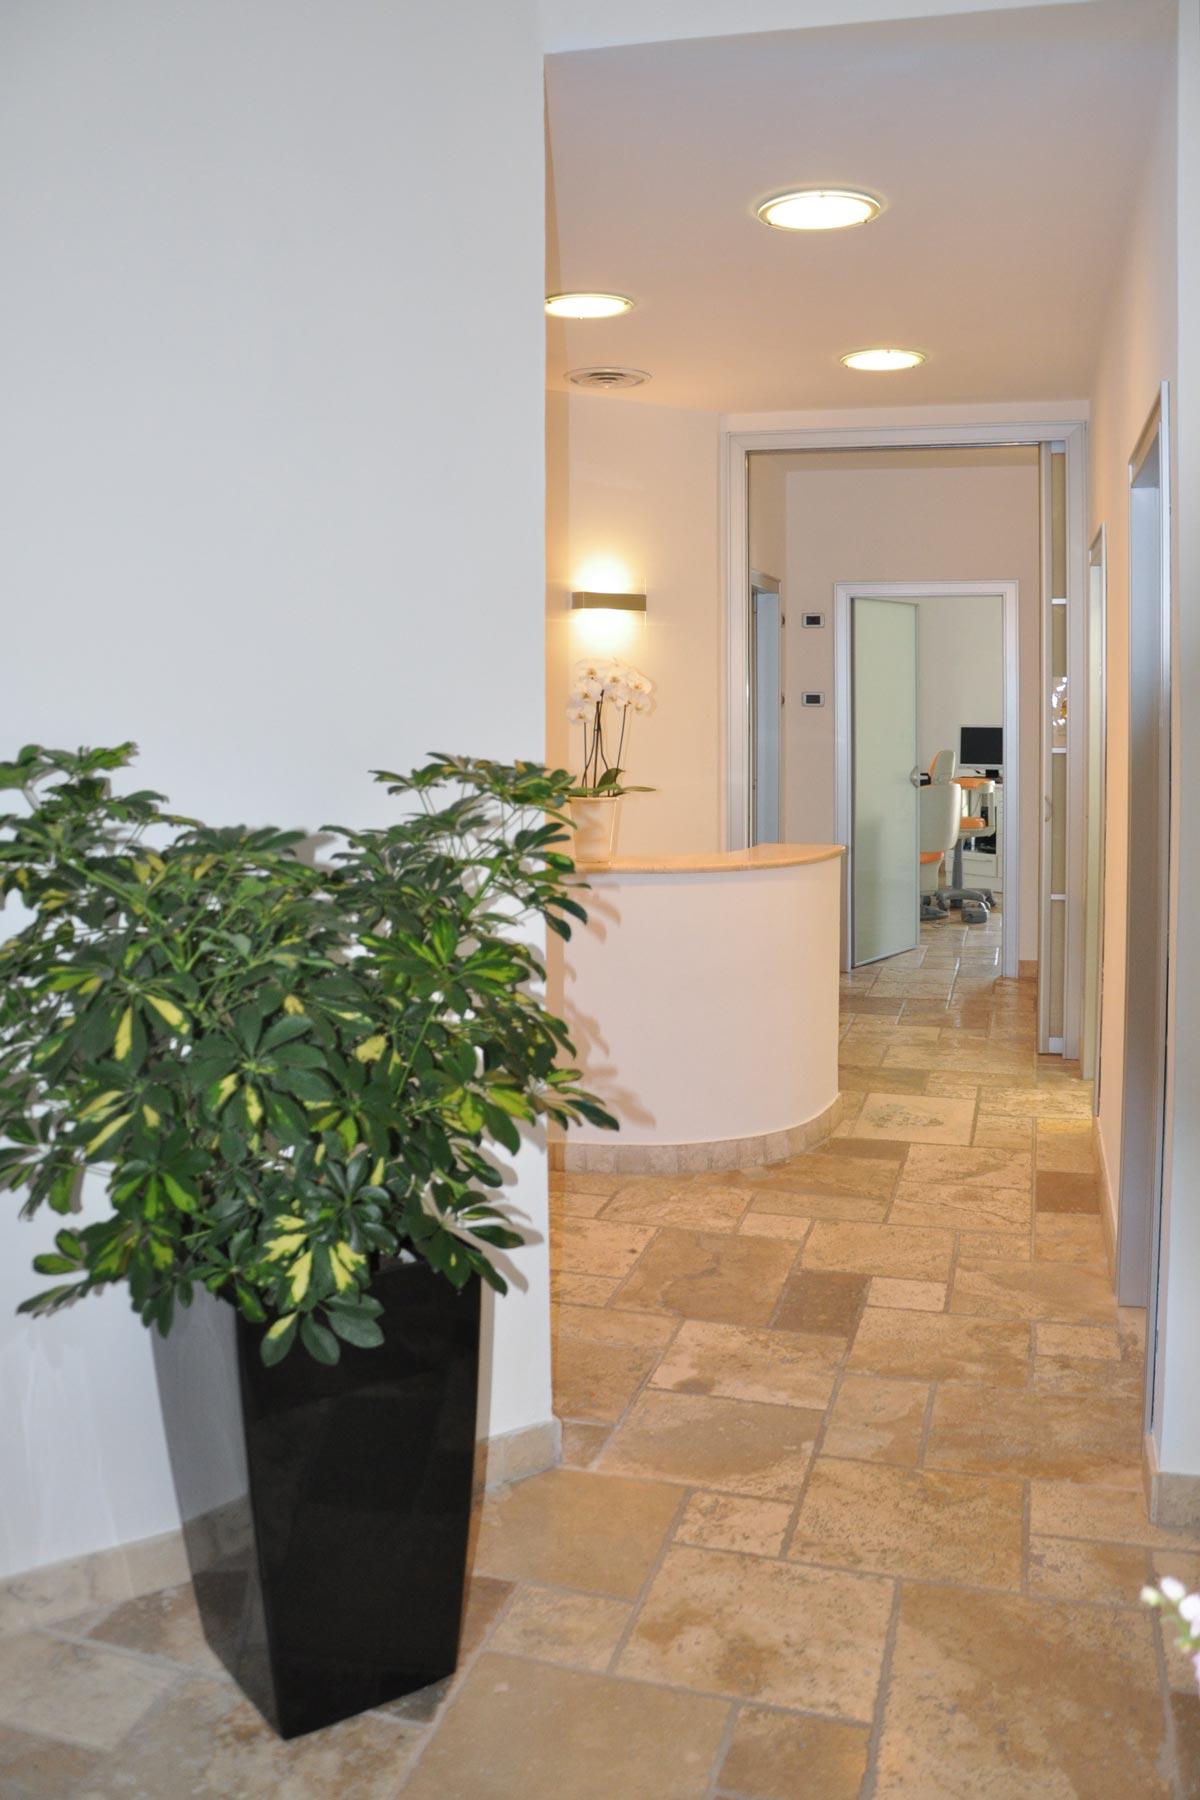 studio-dentistico-dental-piu-Marina-di-Massa-01